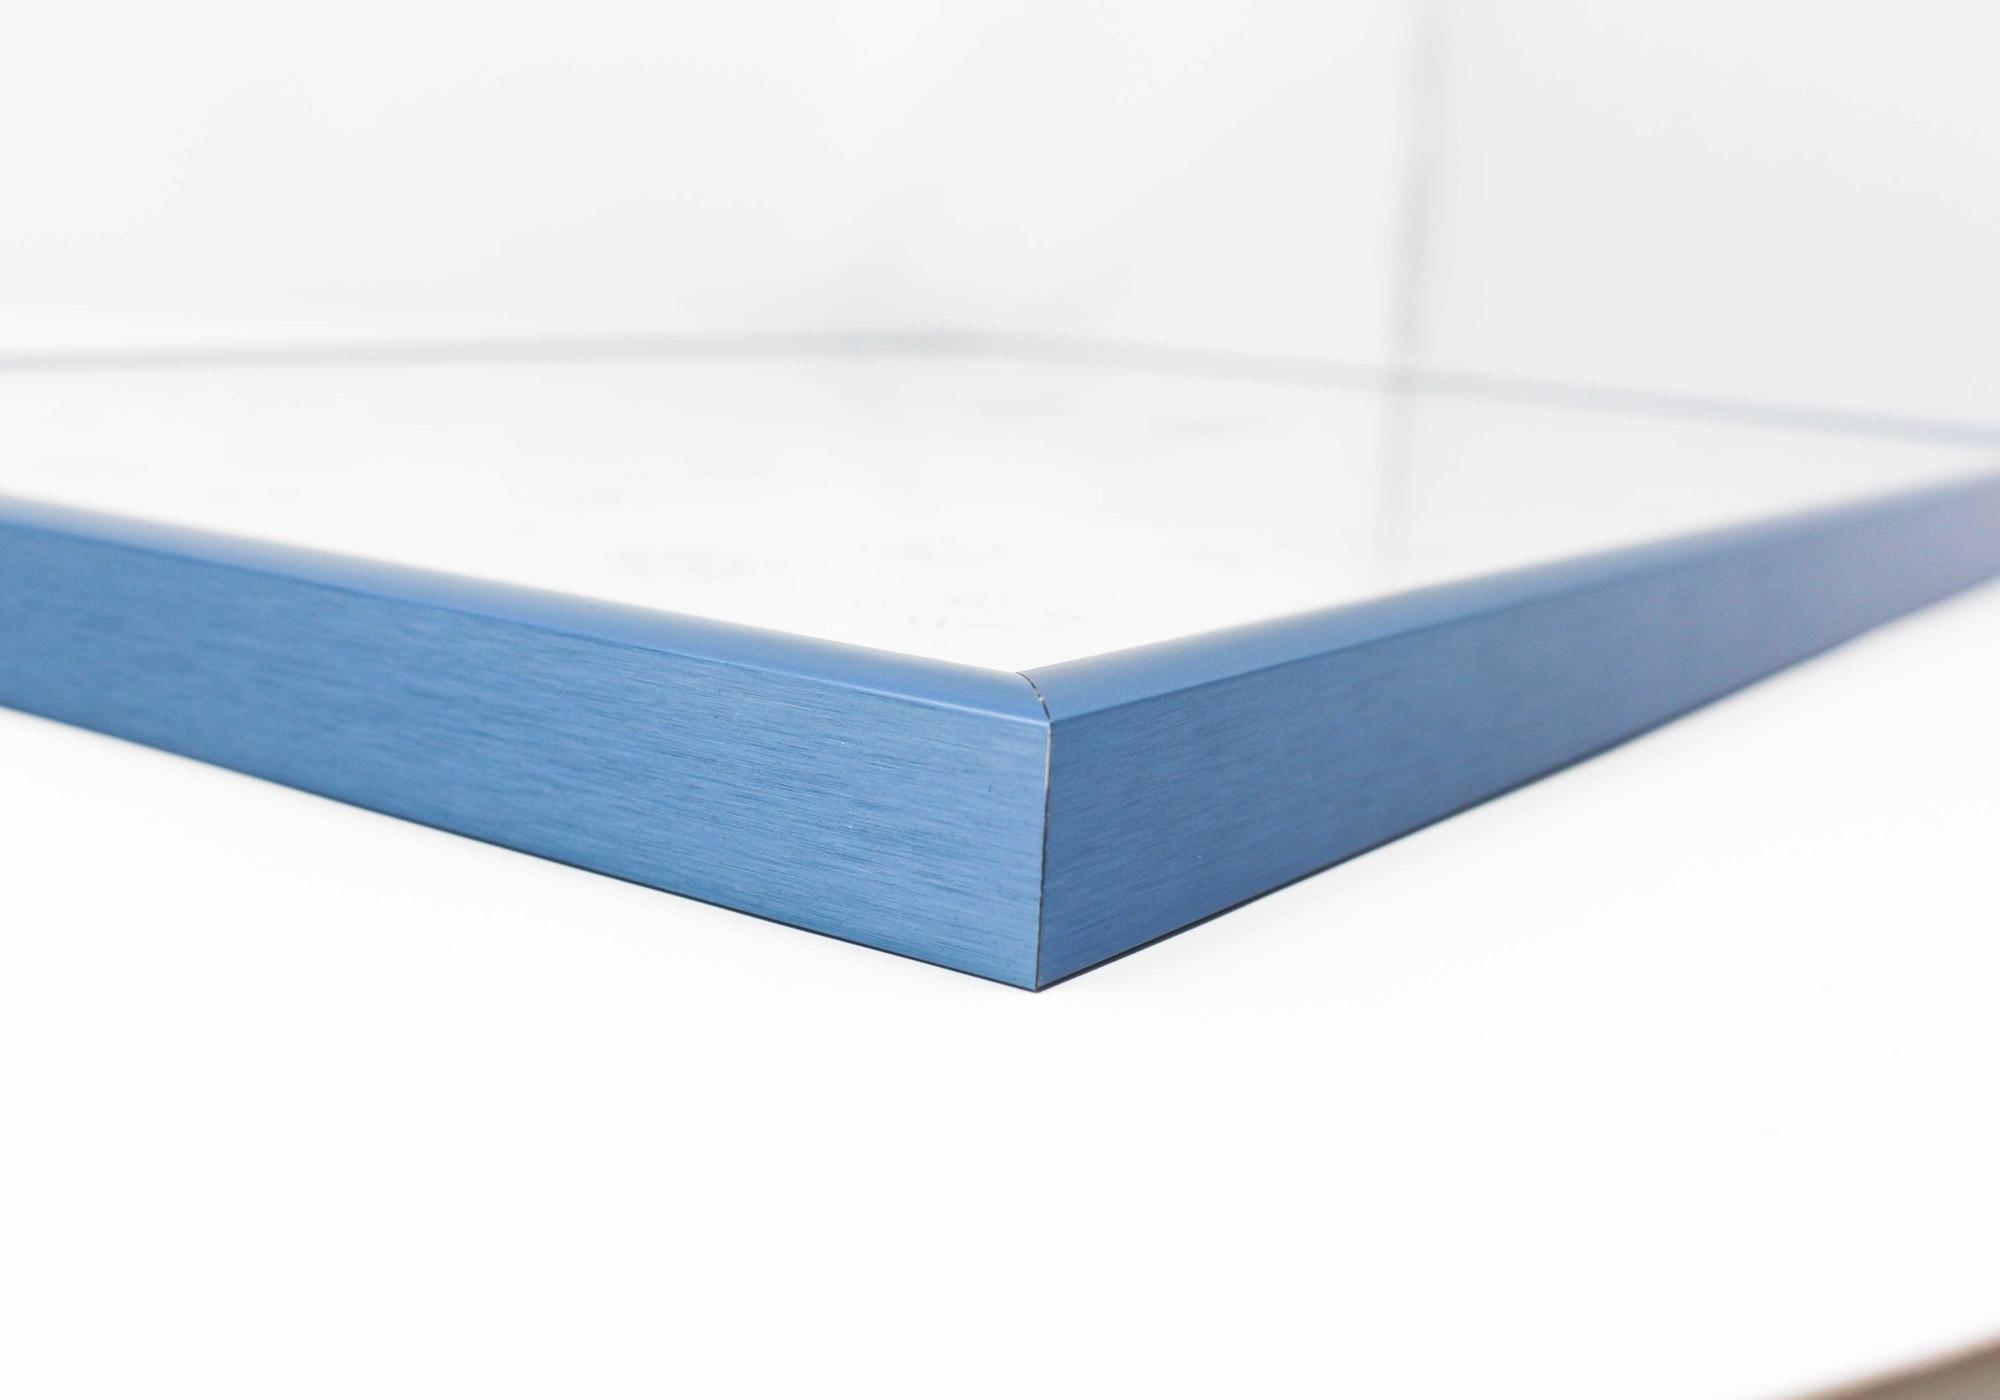 cadre photo a5 bleu